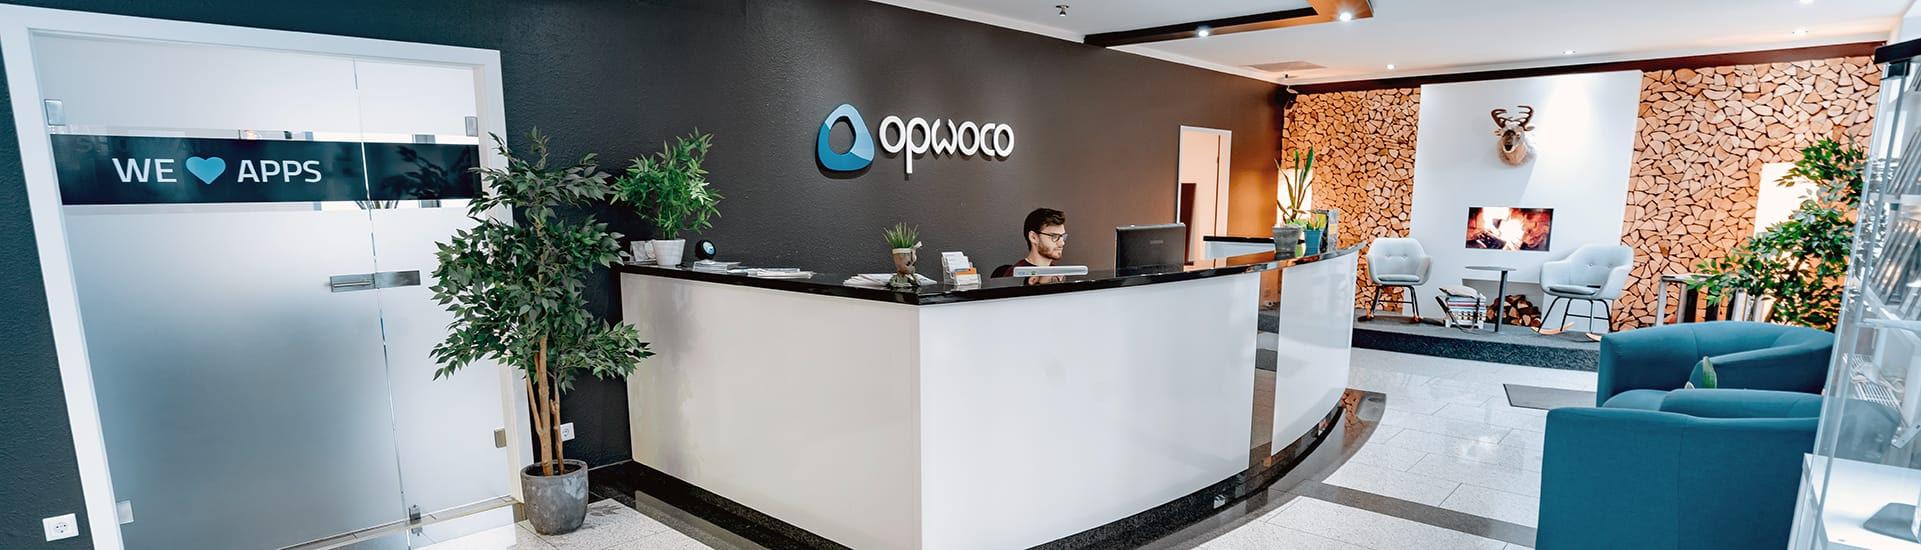 Empfangsbereich bei der opwoco GmbH